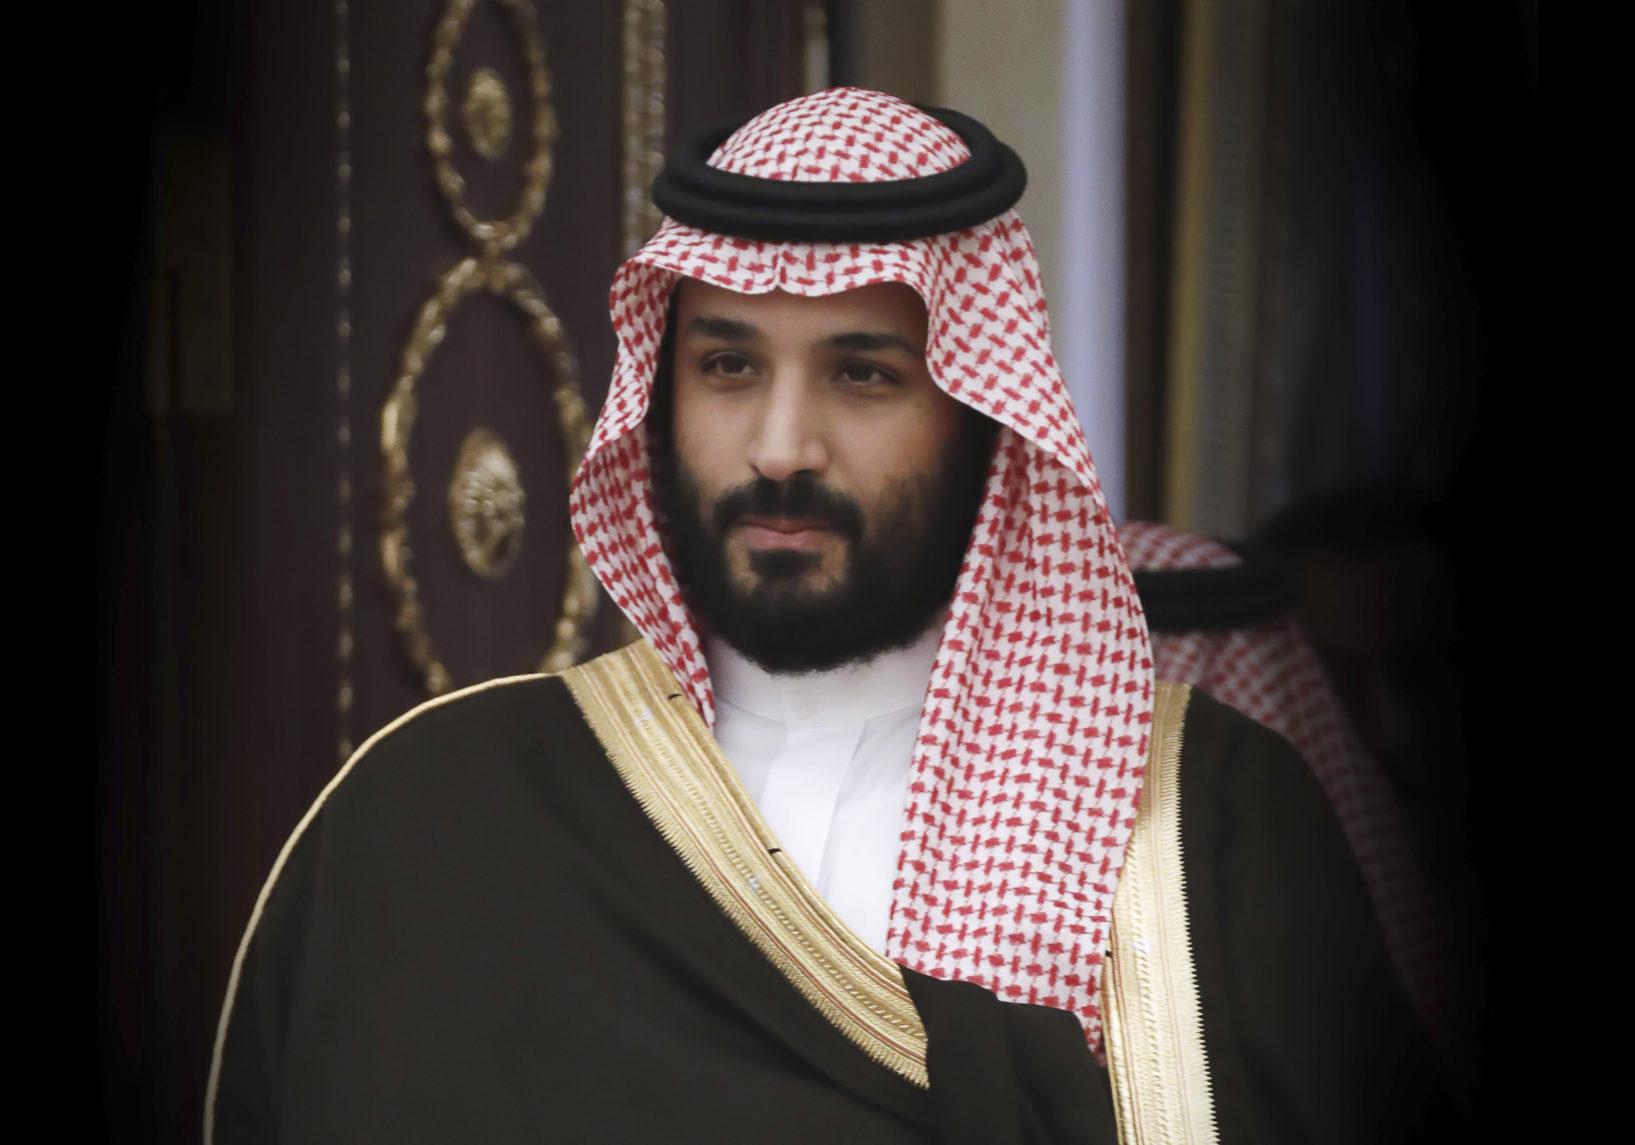 الأمير محمد بن سلمان ملكا للمملكة العربية السعودية بوابة الوطن